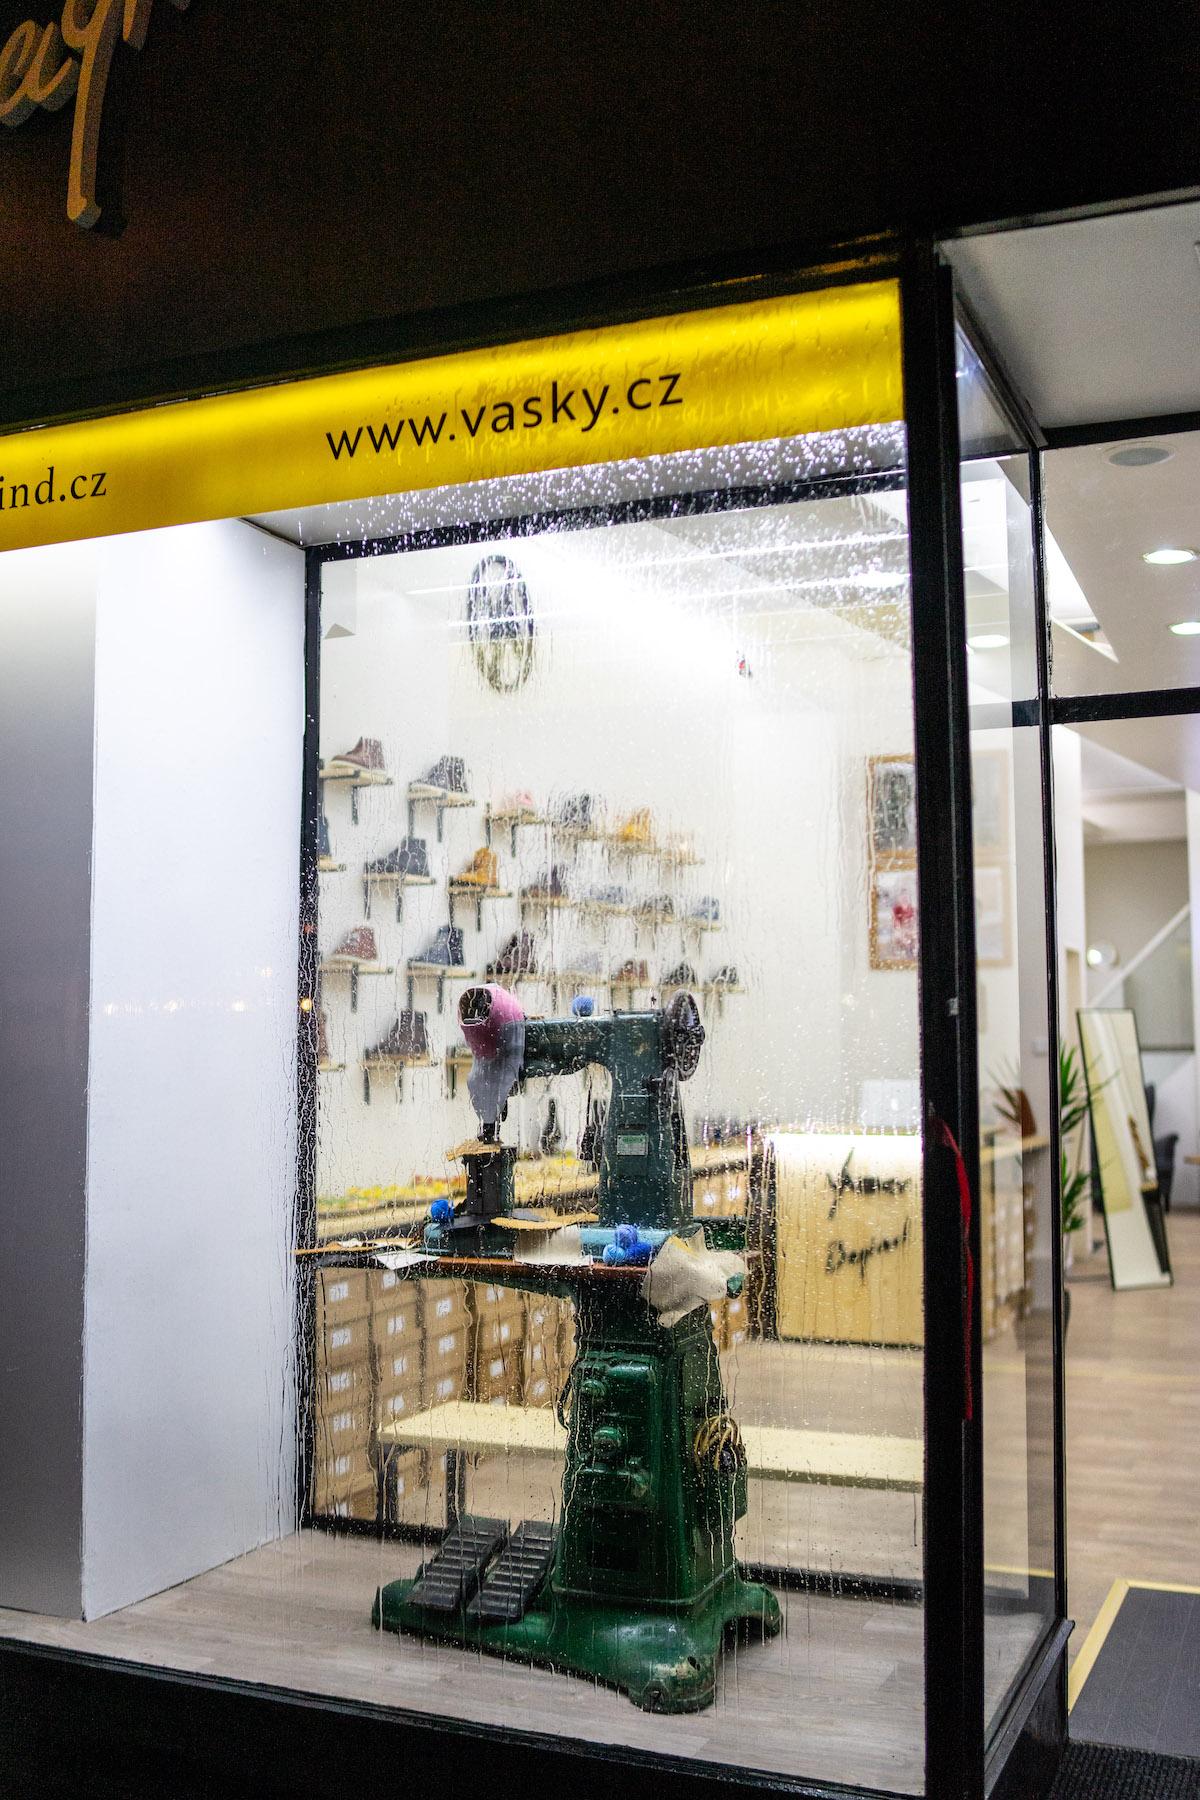 Vasky otevírají novou prodejnu v Brně opět ve spojení se značkou Bagind